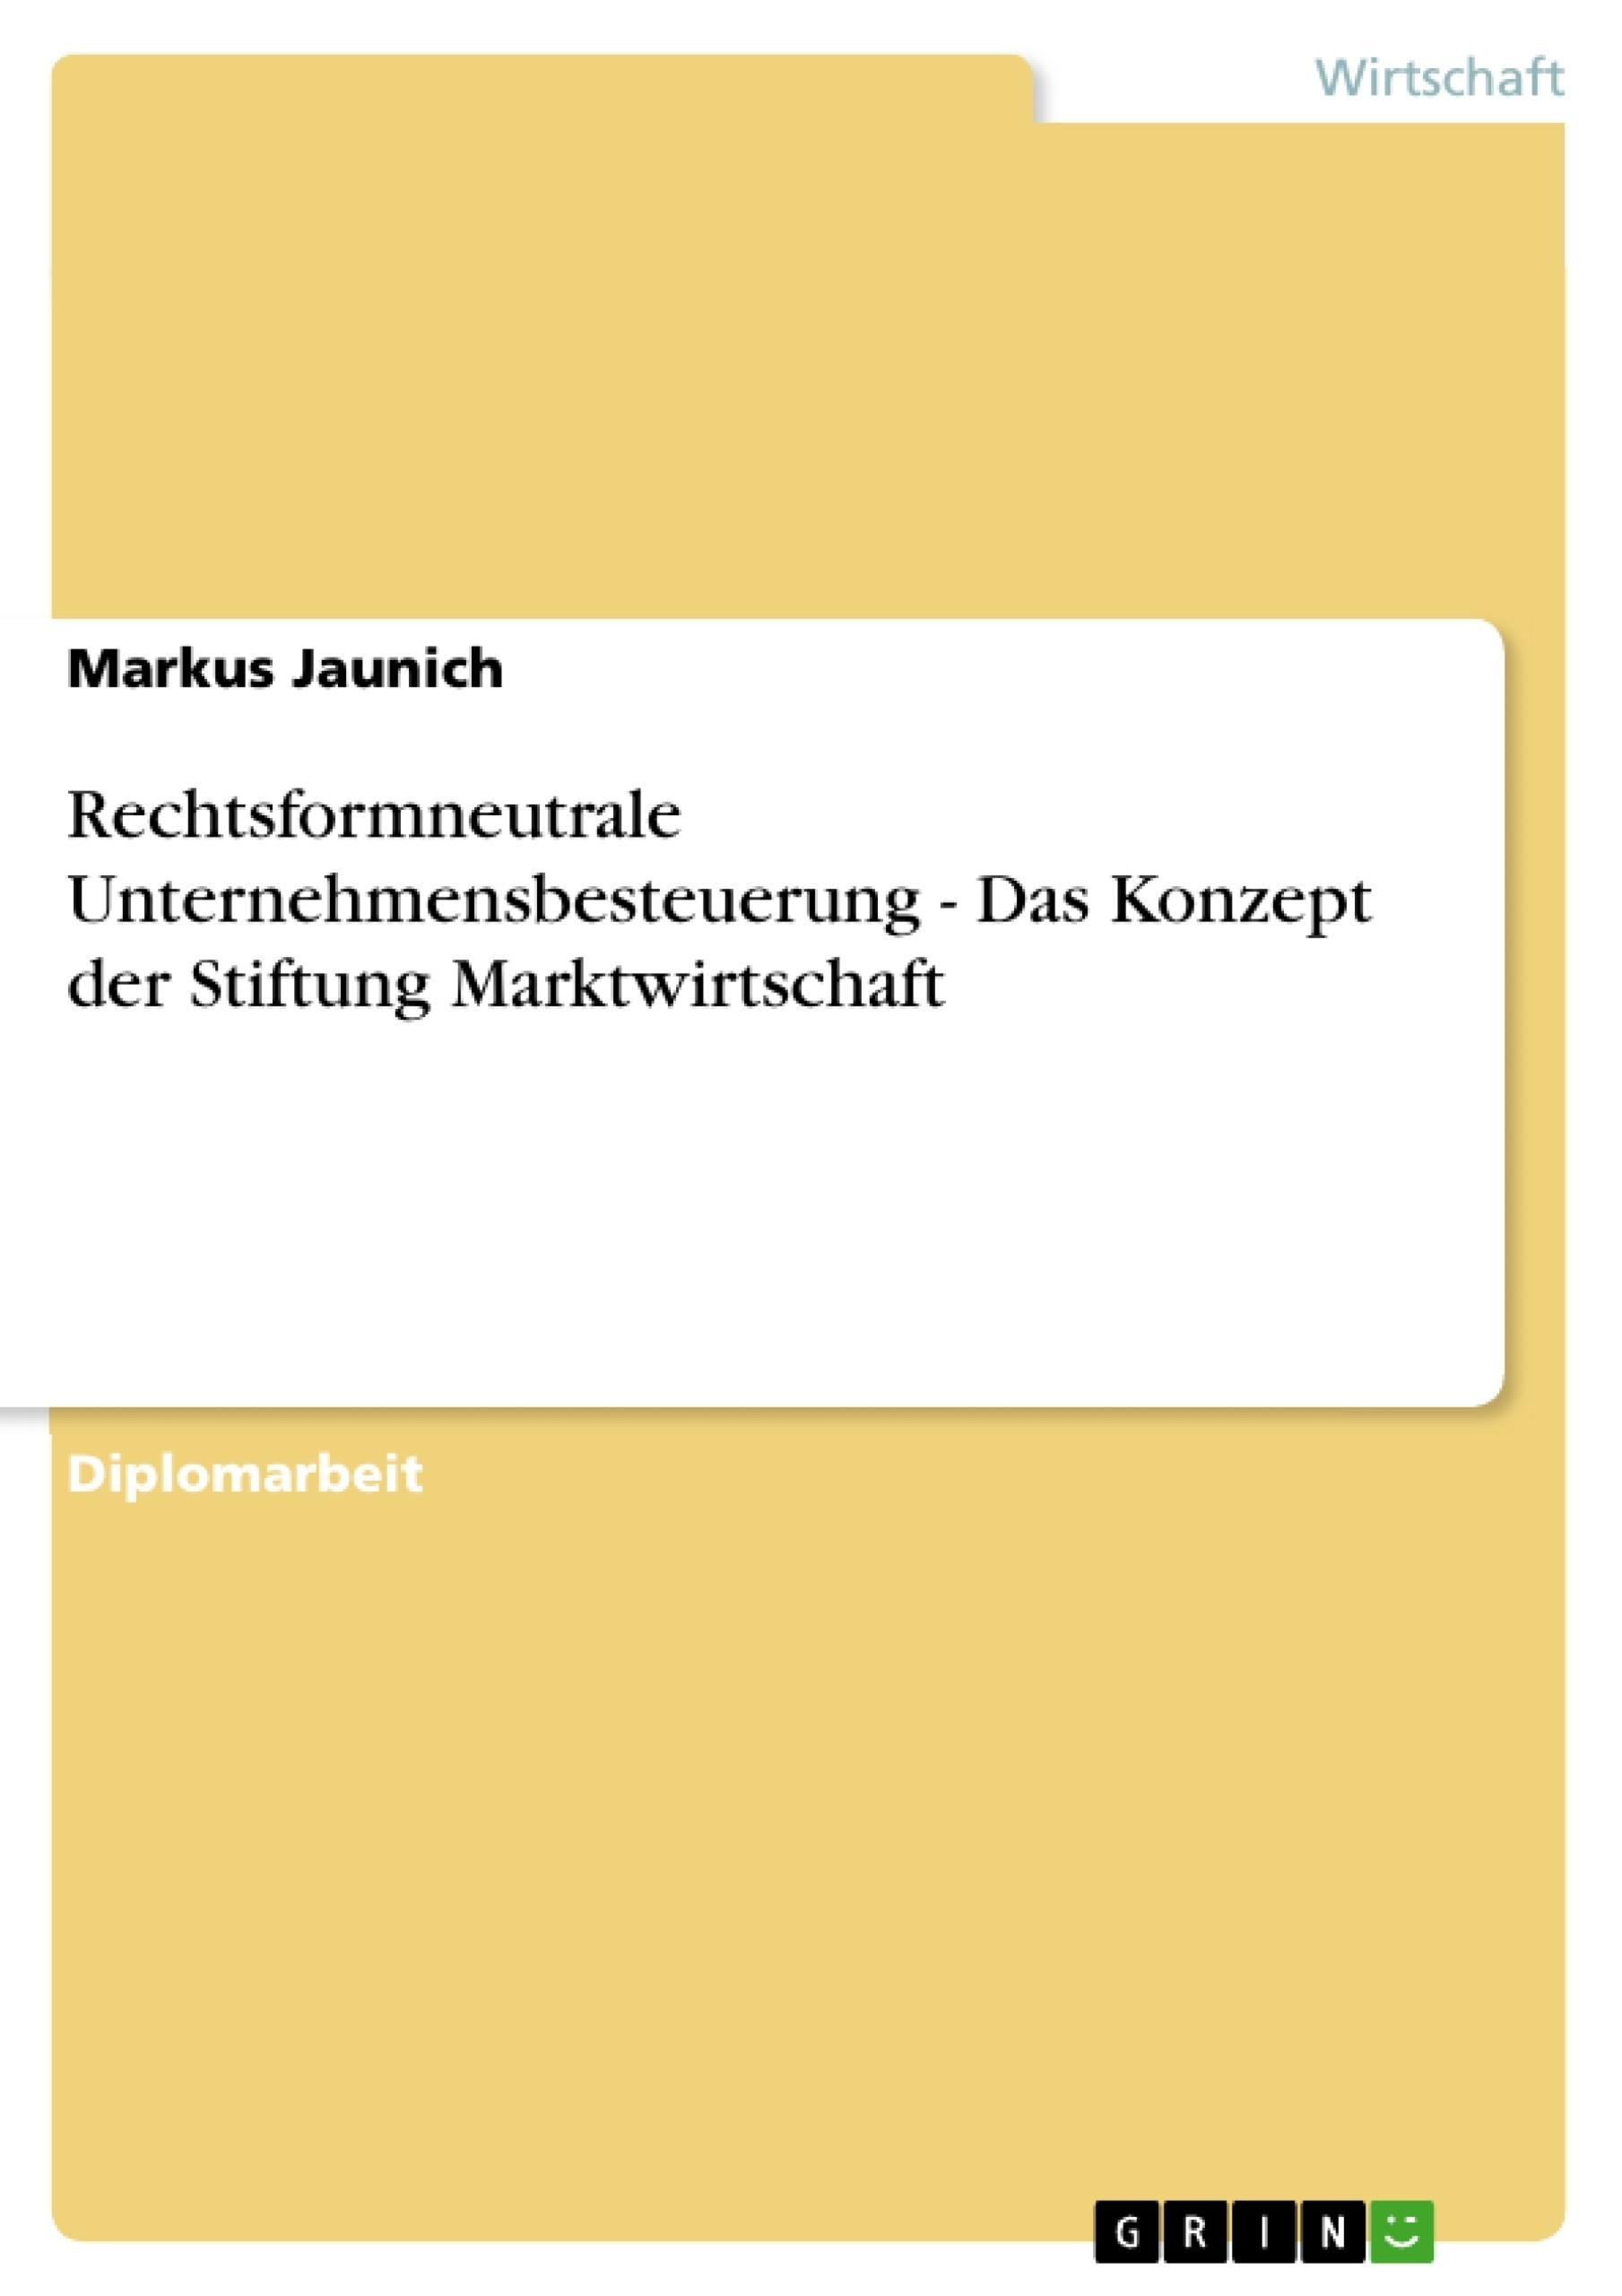 Titel: Rechtsformneutrale Unternehmensbesteuerung - Das Konzept der Stiftung Marktwirtschaft